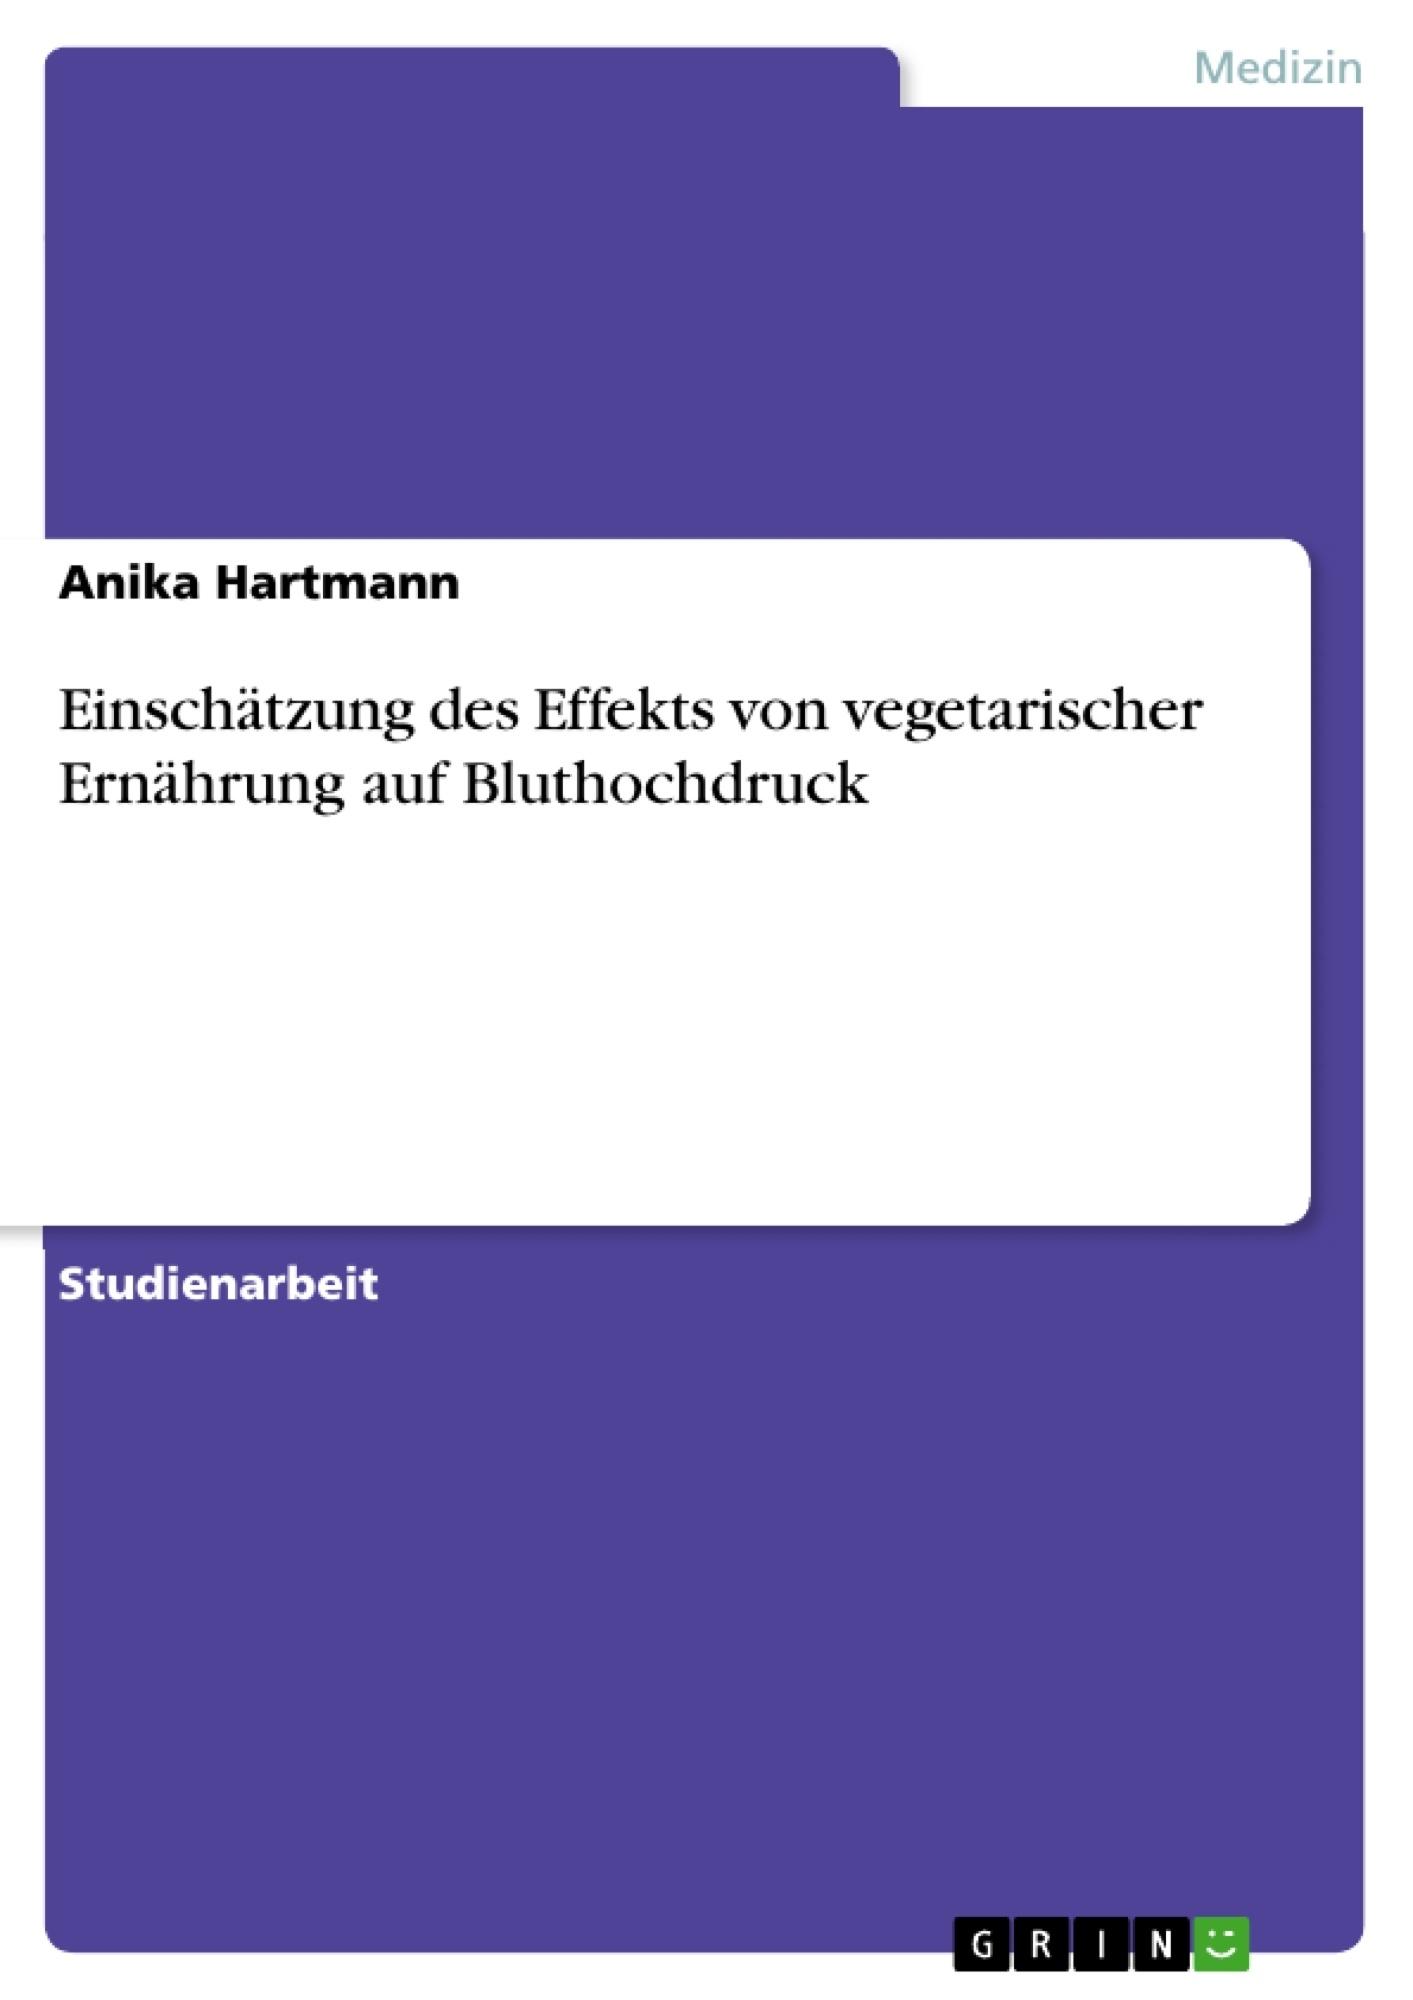 Titel: Einschätzung des Effekts von vegetarischer Ernährung auf Bluthochdruck